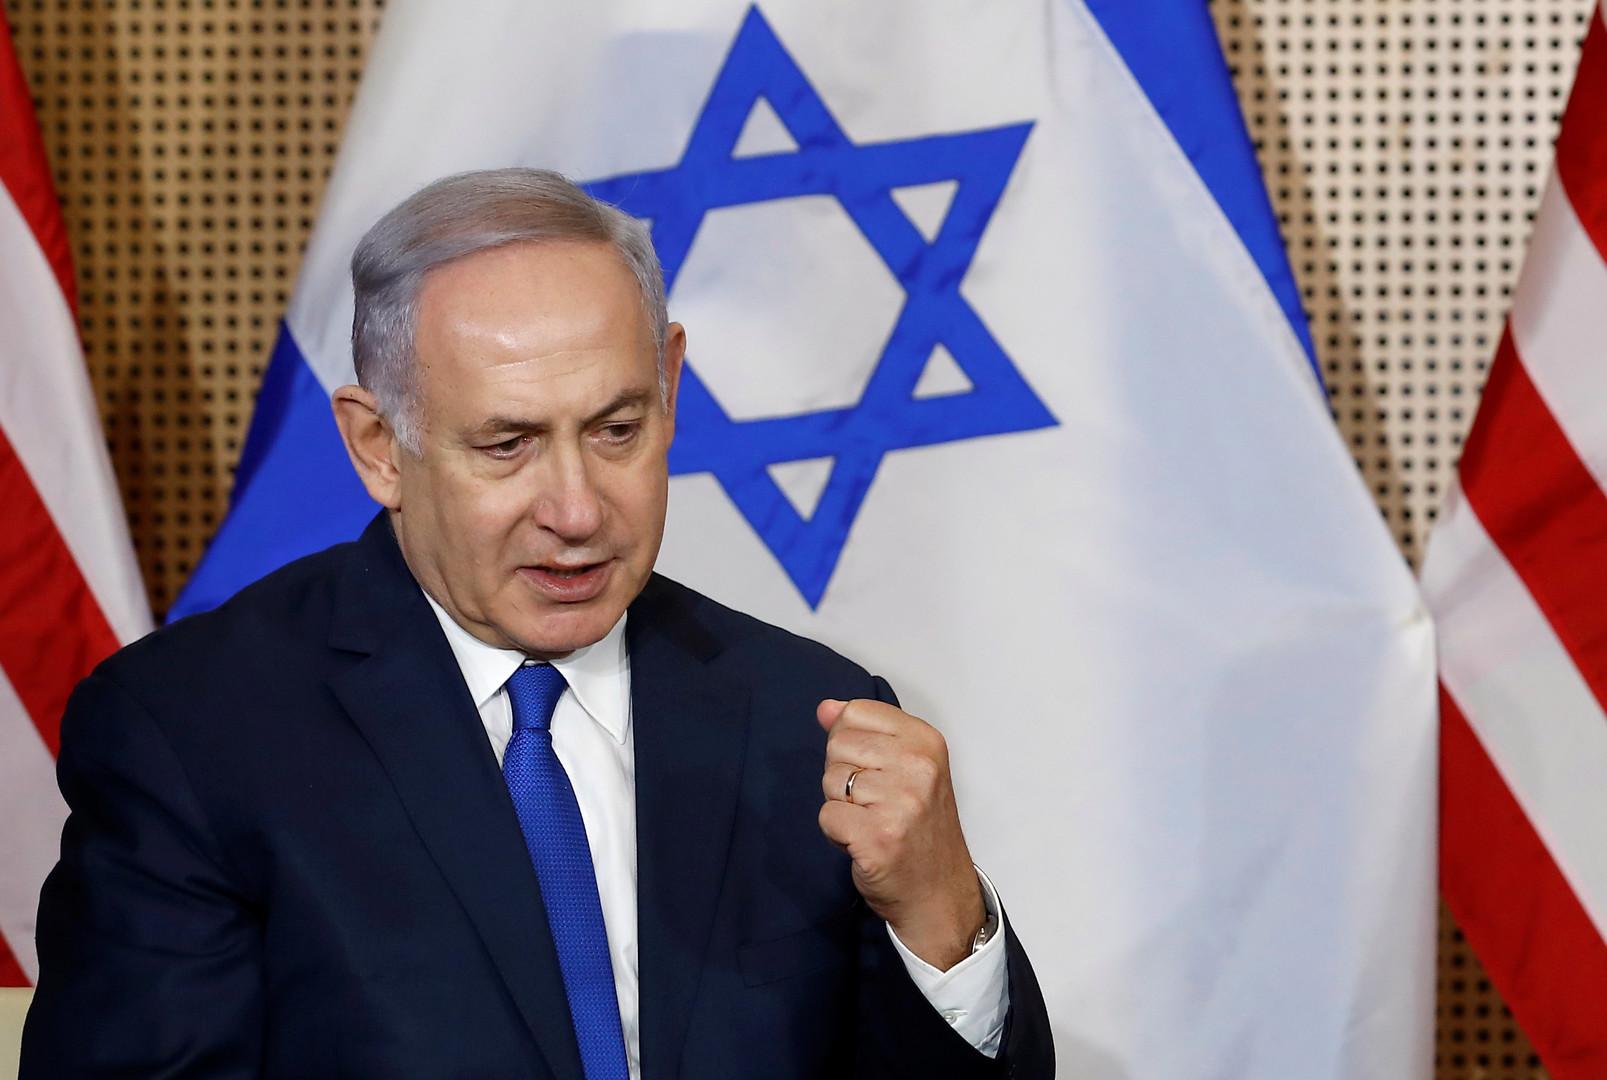 نتنياهو يرحب بقرار واشنطن عدم تمديد الإعفاءات من عقوباتها ضد النفط الإيراني